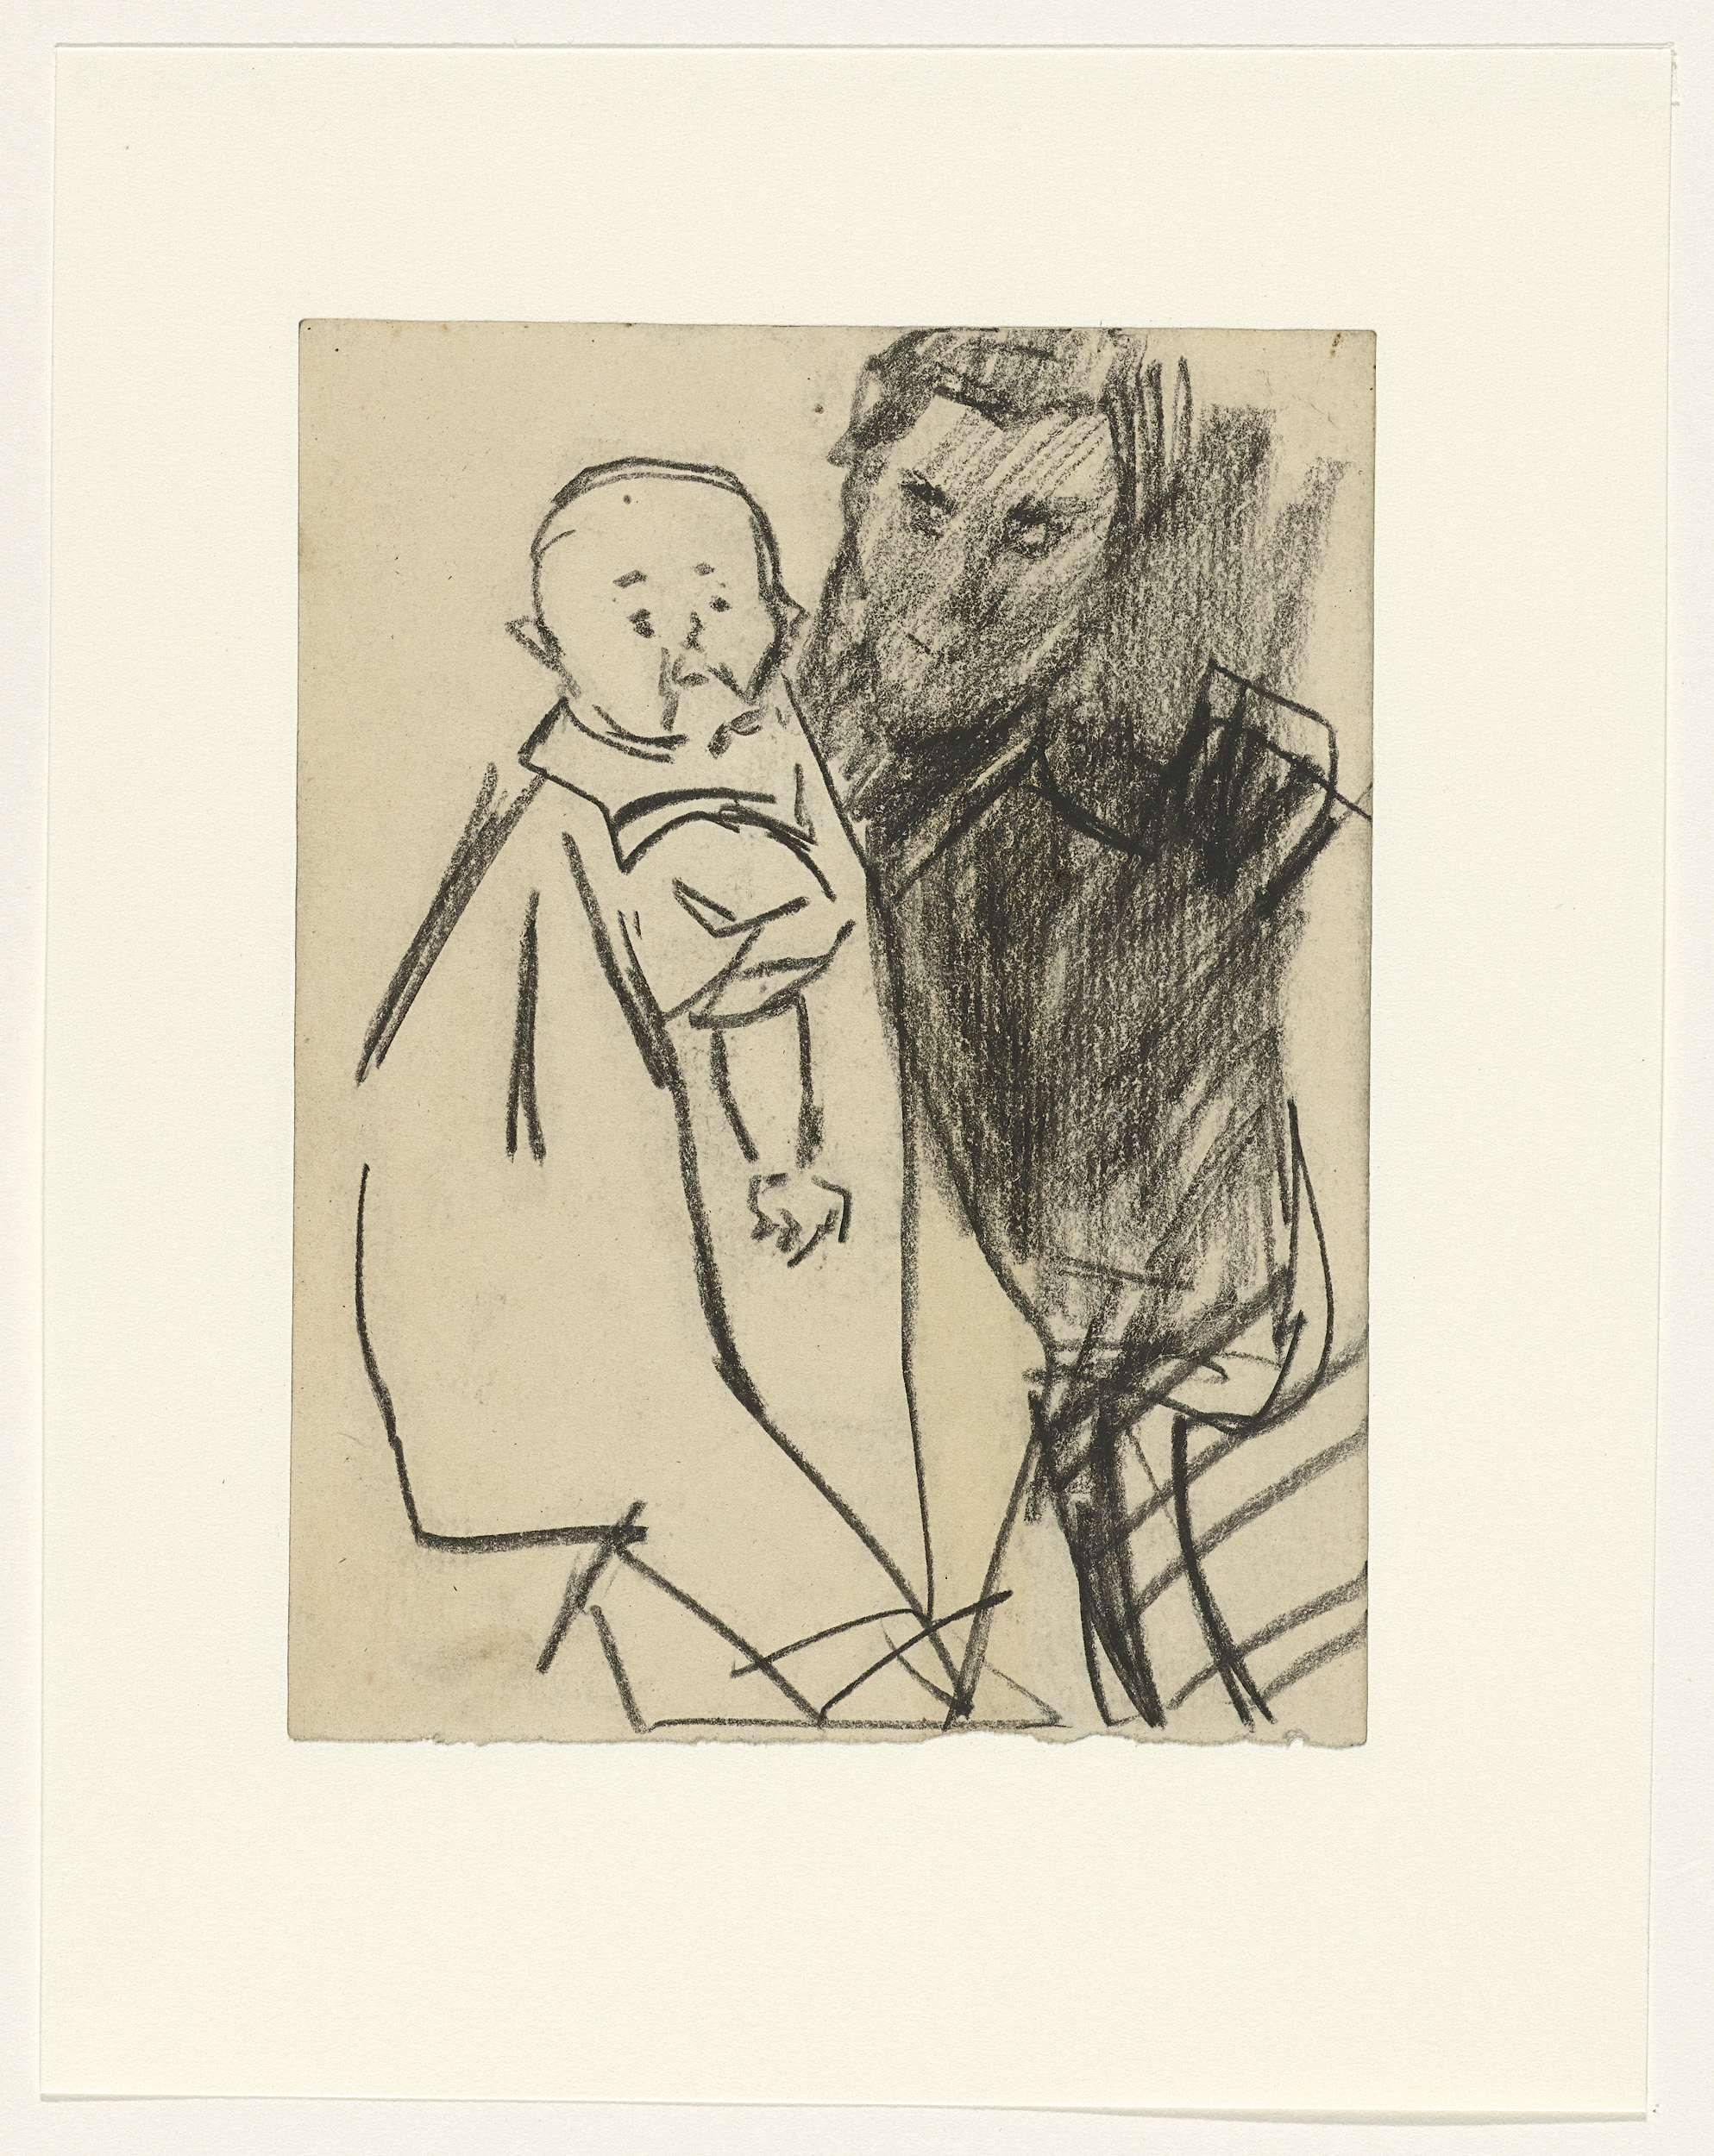 Isaac Israels | Moeder met kind, Isaac Israels, 1875 - 1934 |